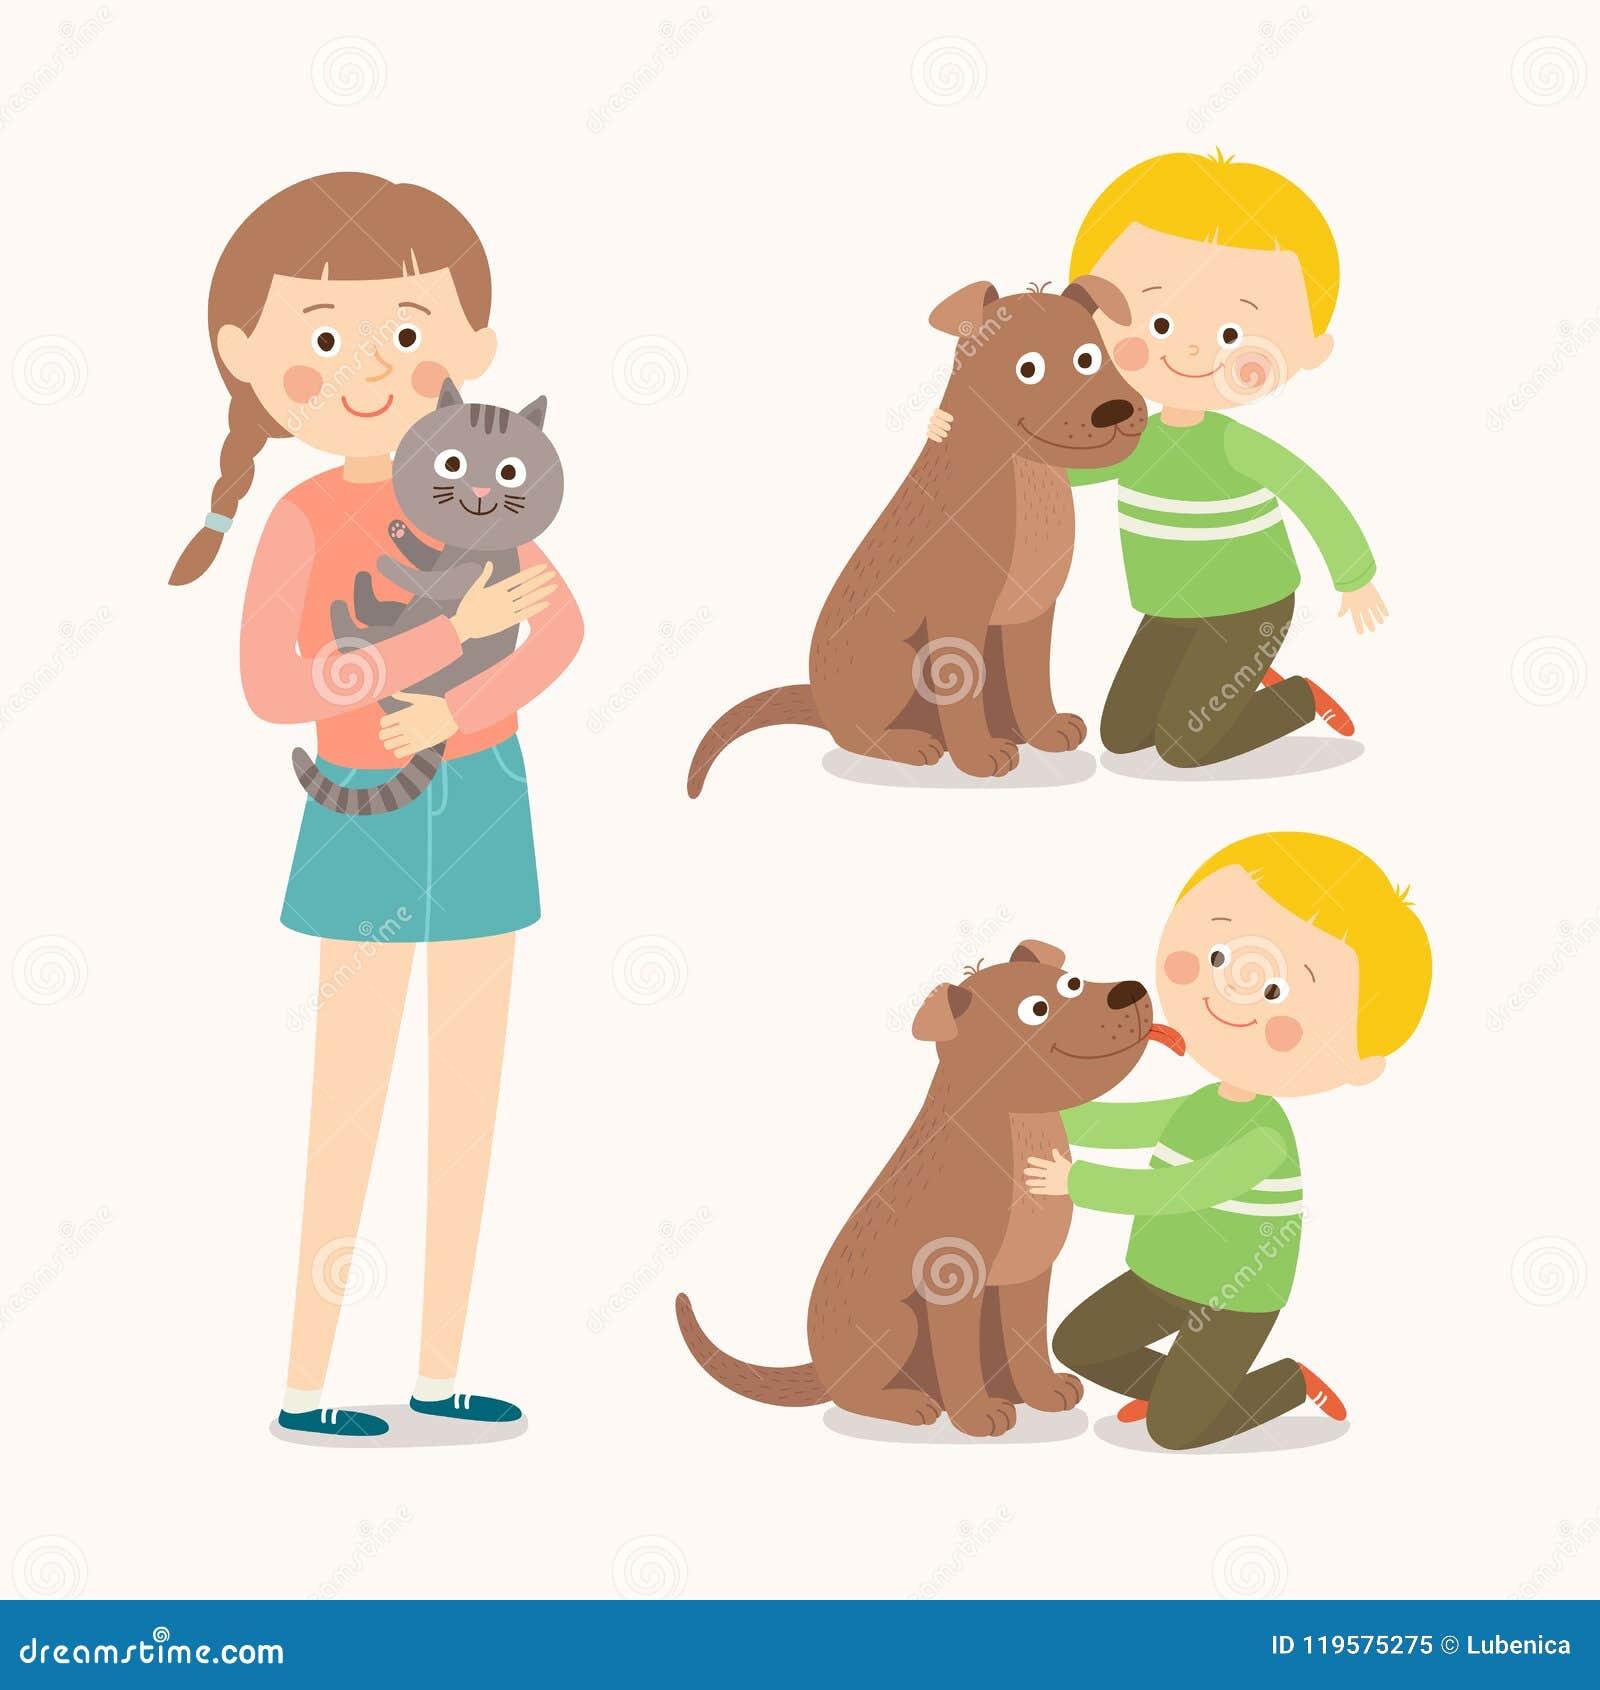 子项和宠物 孩子爱恋拥抱他的爱犬 舔男孩` s面颊的小犬座 猫女孩她少年 人兽交